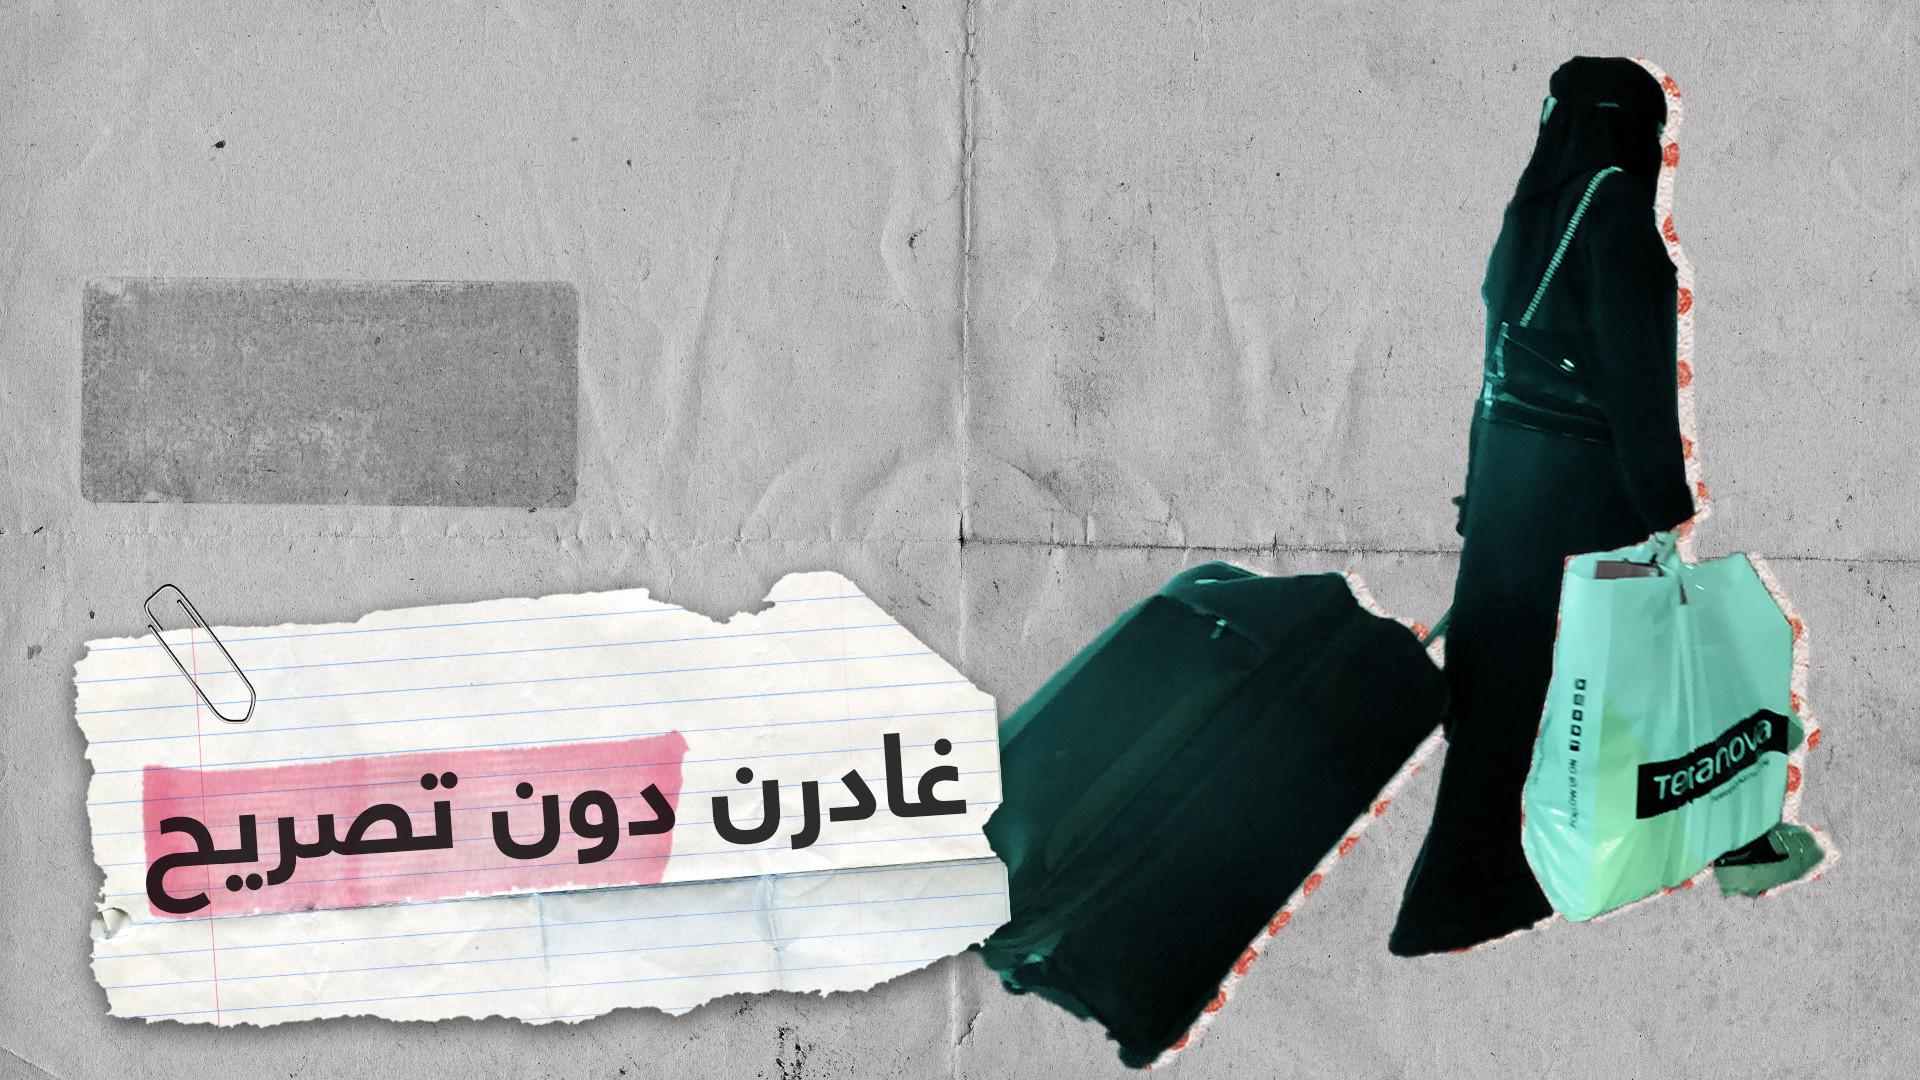 1000 سعودية غادرن دون تصريح ولي الأمر.. ما الأمر؟!